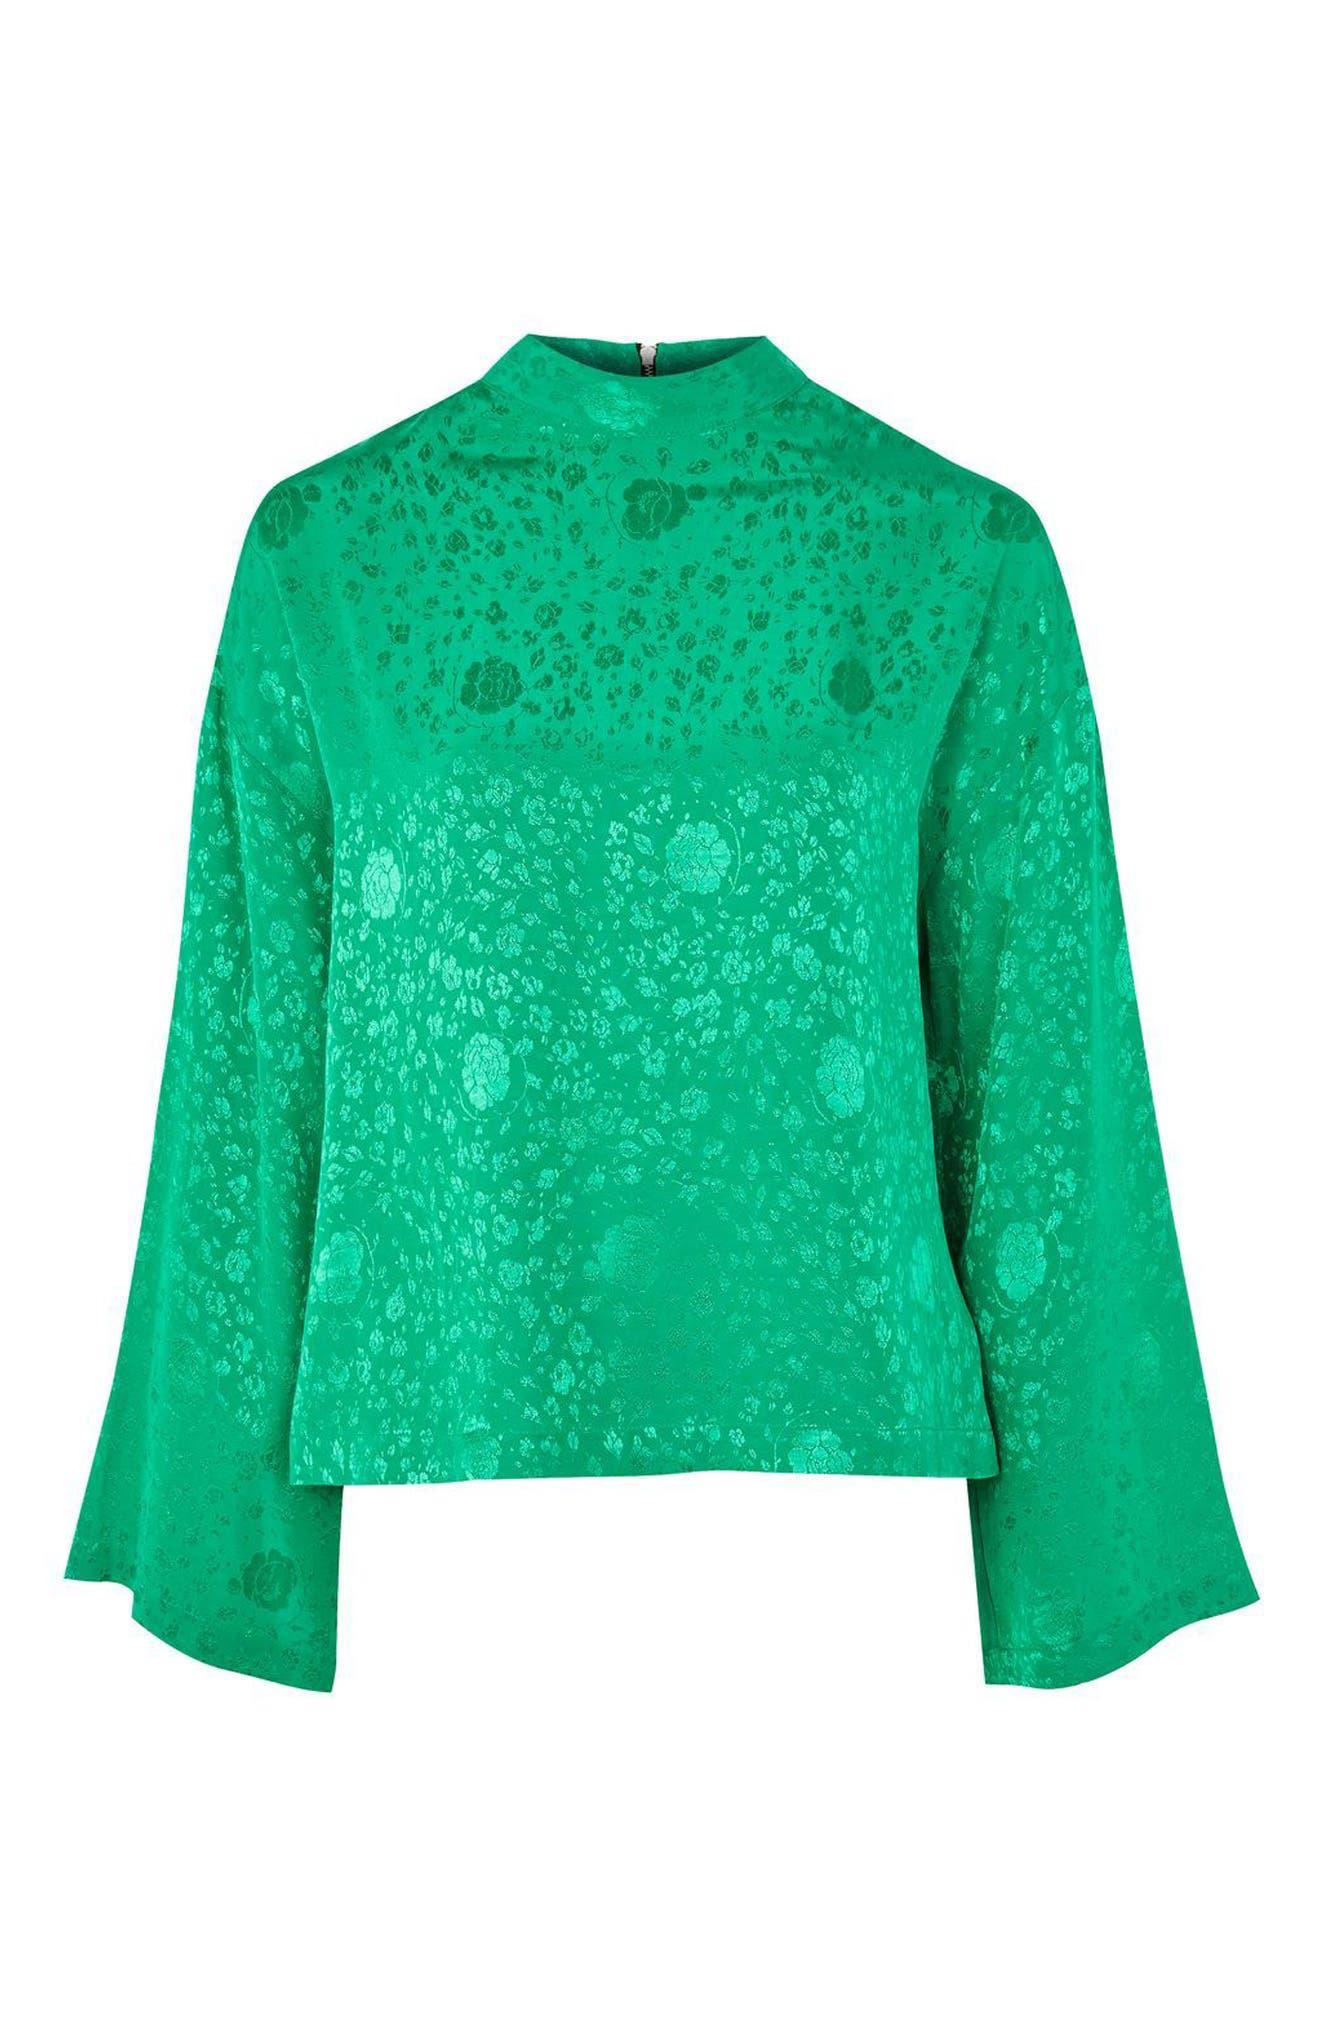 Jacquard Kimono Sleeve Top,                             Alternate thumbnail 4, color,                             Bright Green